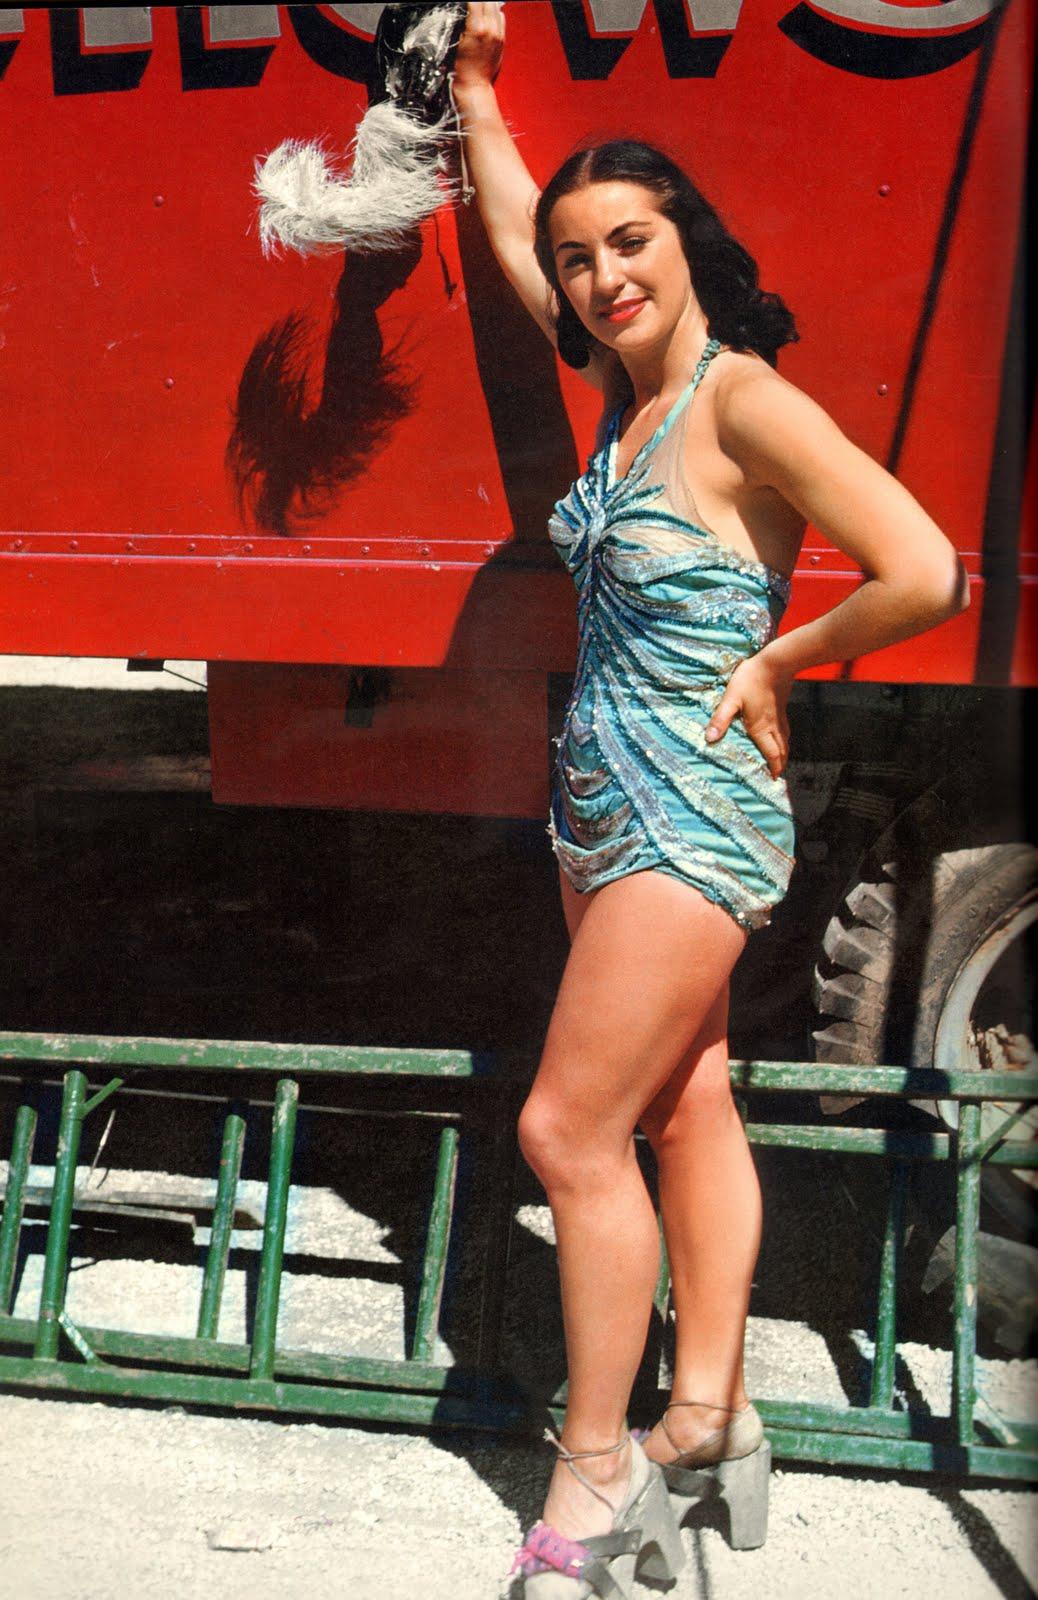 showgirl-aerial-ballet-1949